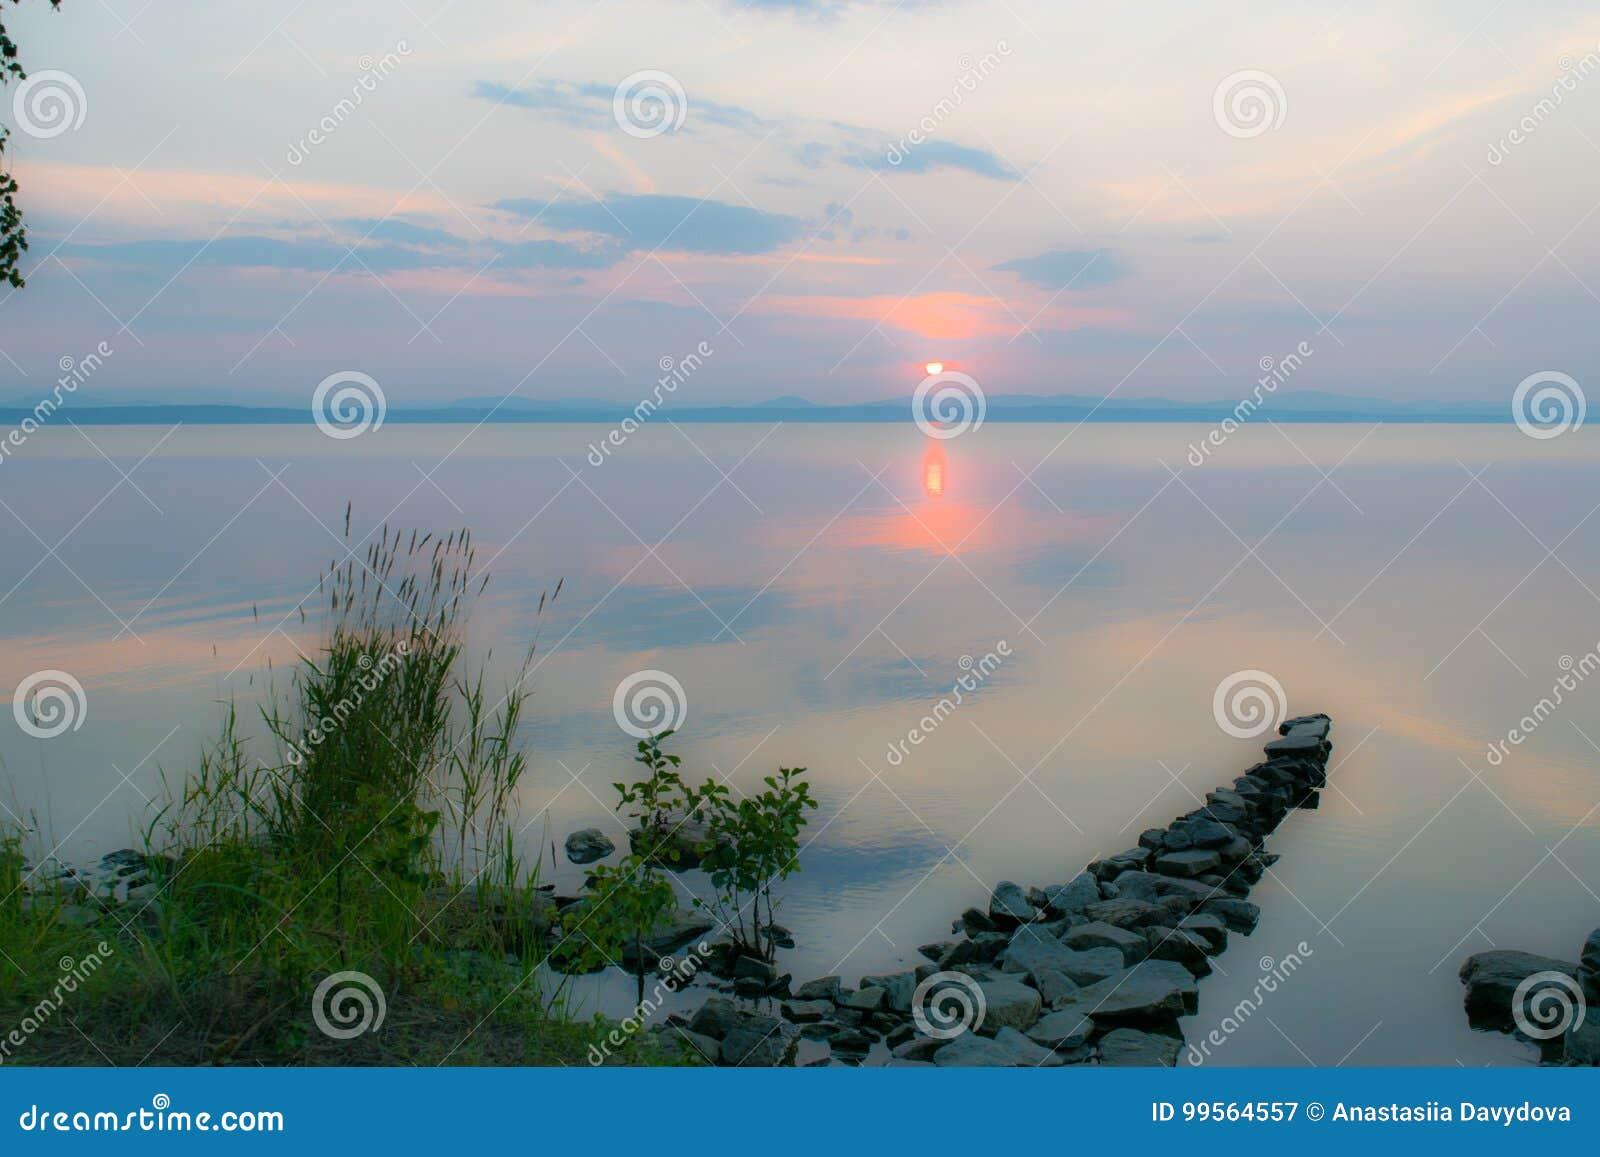 Dock en pierre romantique, passage couvert dans un lac à un coucher du soleil, Uveldy, les Monts Oural, Russie